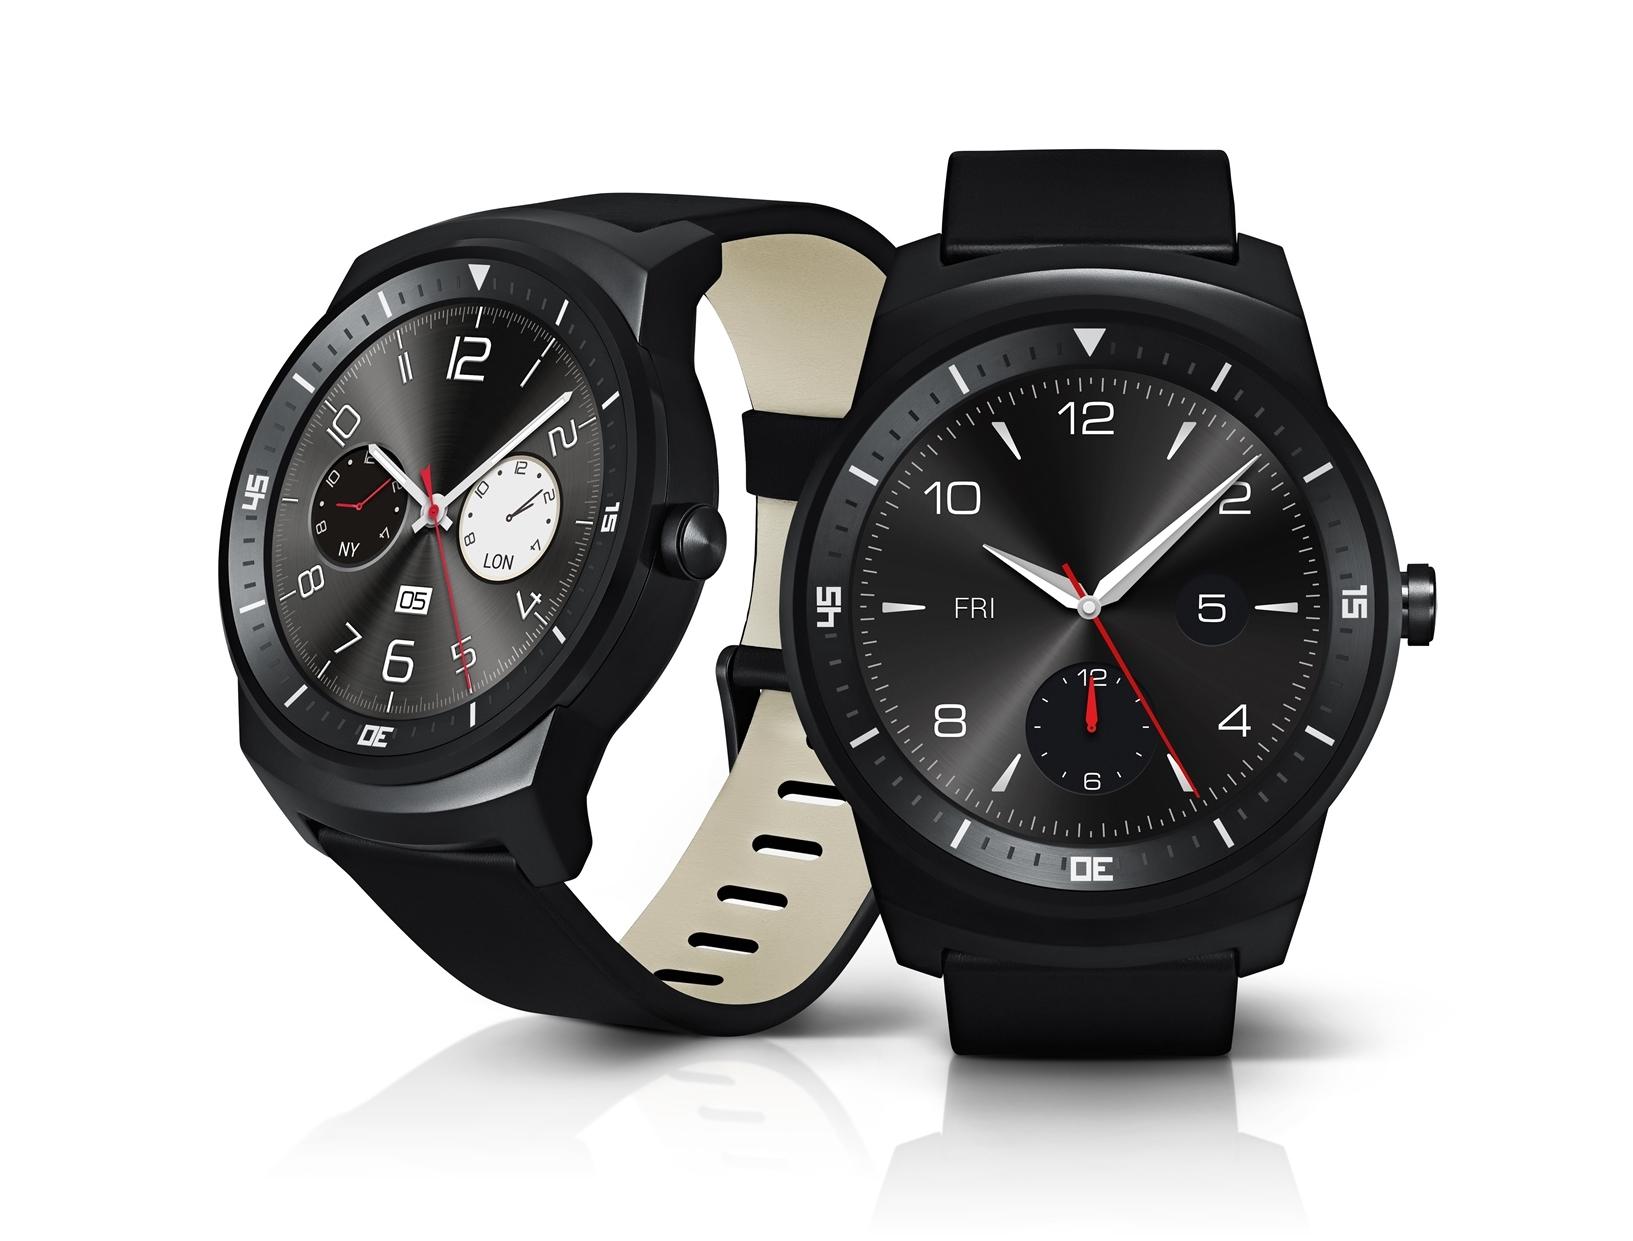 El LG® G Watch R se convierte en el 1° smartwatch con display circular